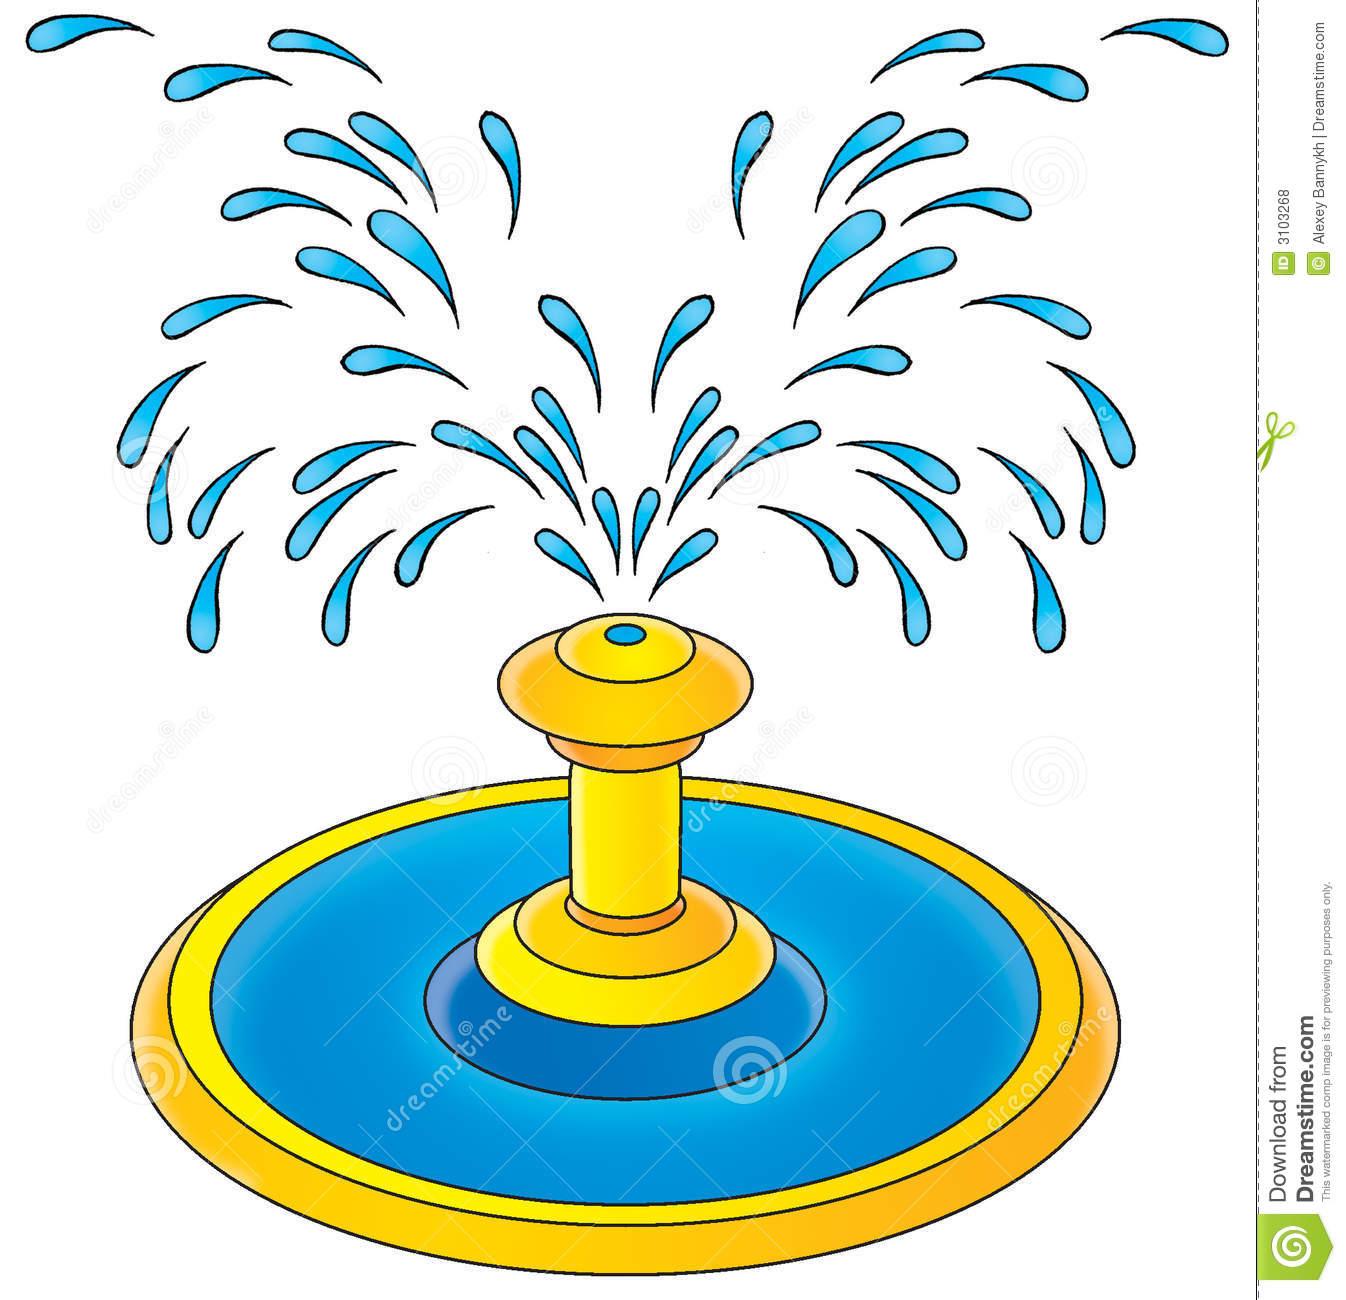 Isolated Clip Art Children S Book Illust-Isolated Clip Art Children S Book Illustration For Yours Design-5